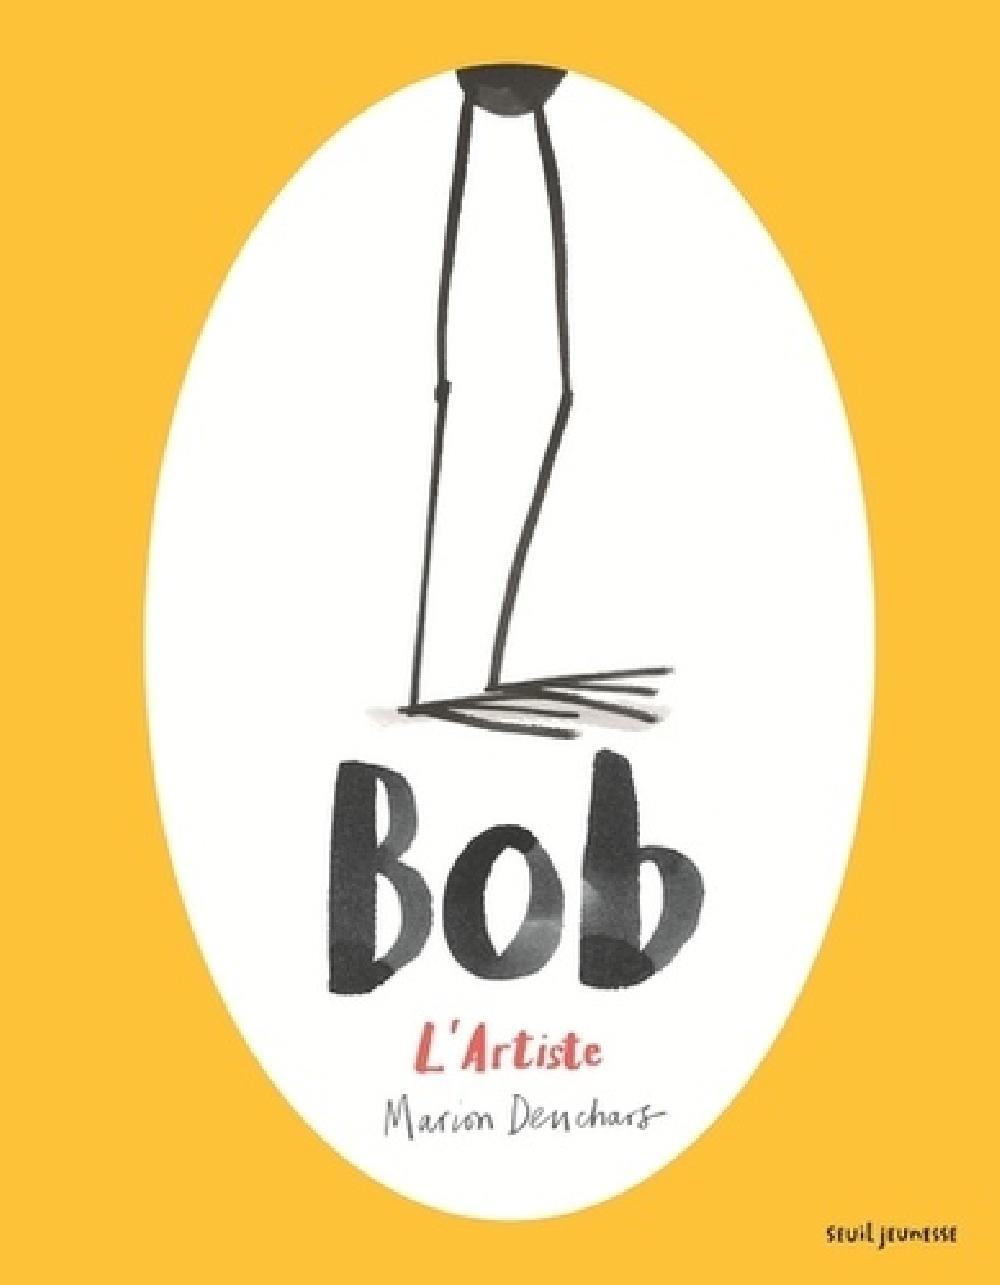 Bob l'artiste